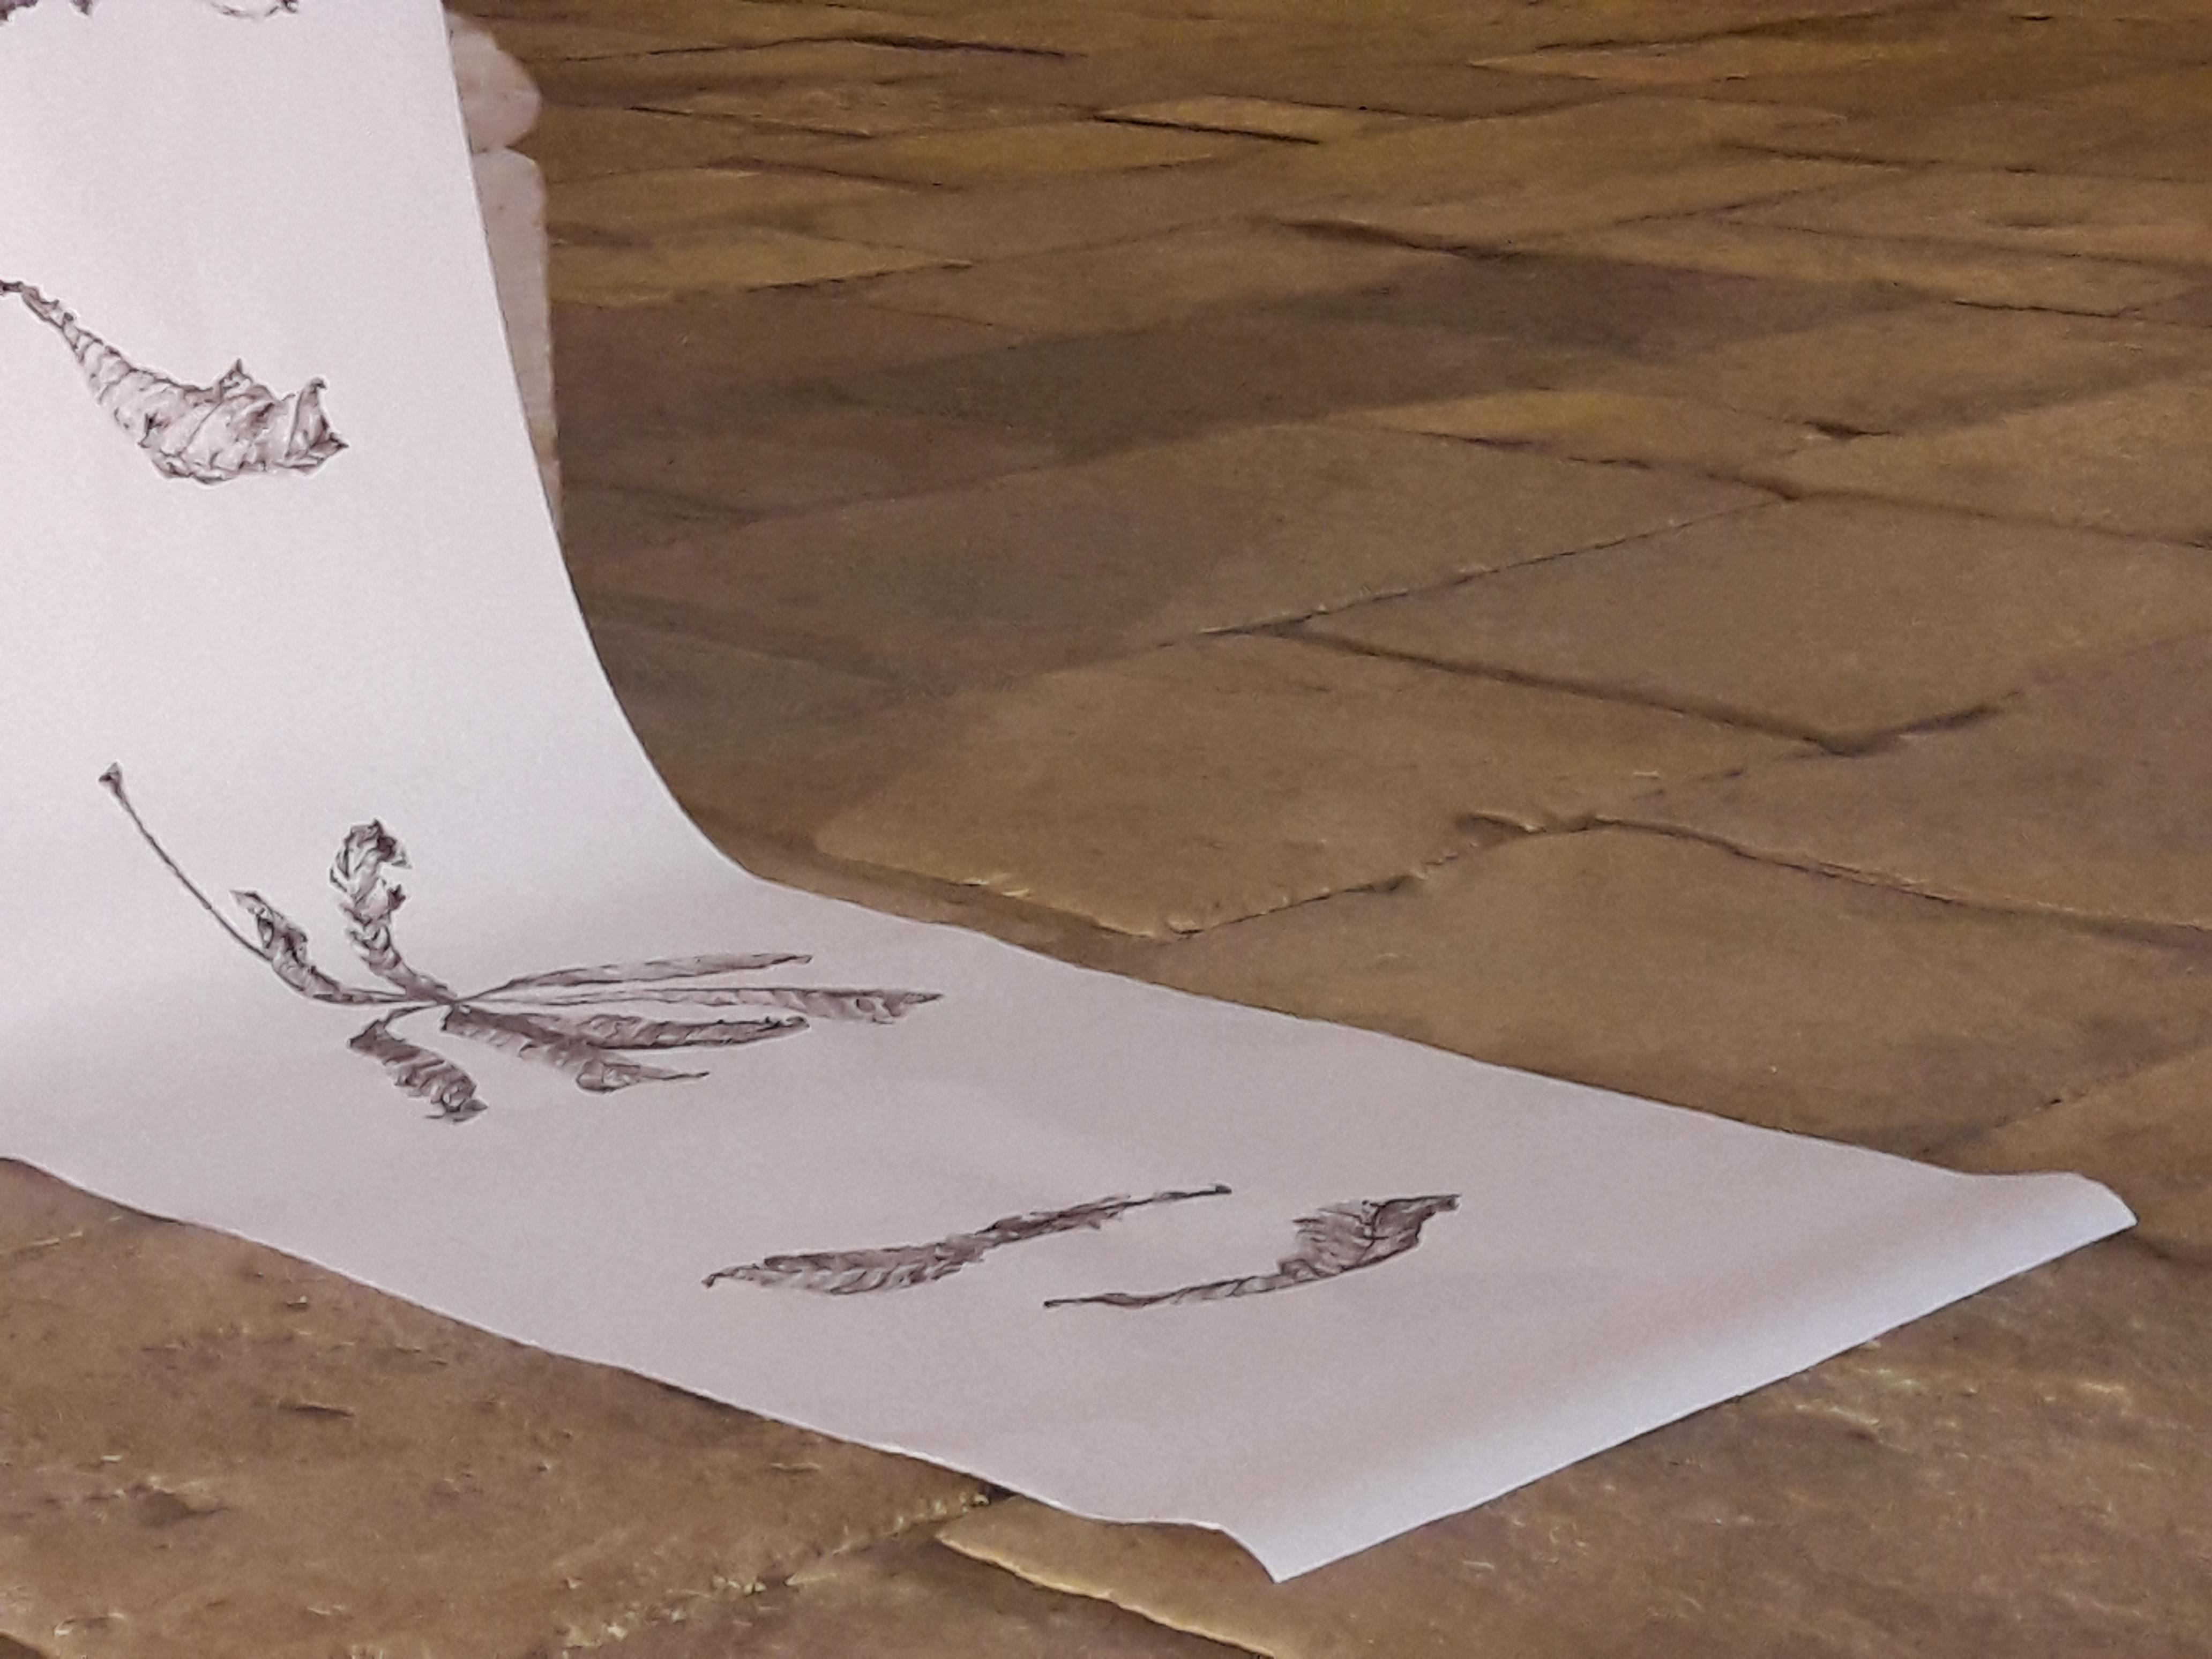 Papier, rouleau (feutre sépia), porcelaine